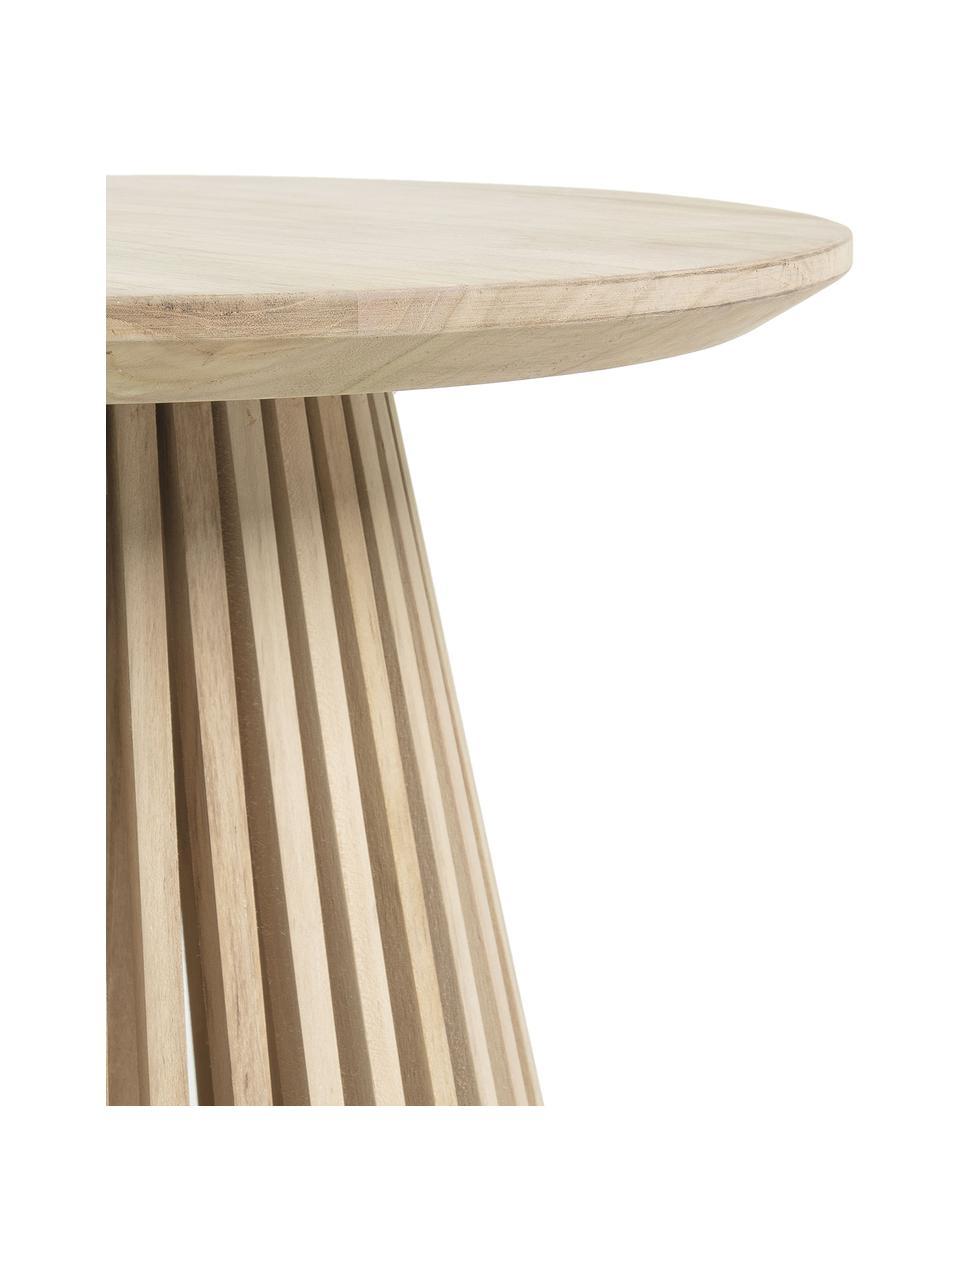 Table d'appoint ronde bois Jeanette, Bois de teck